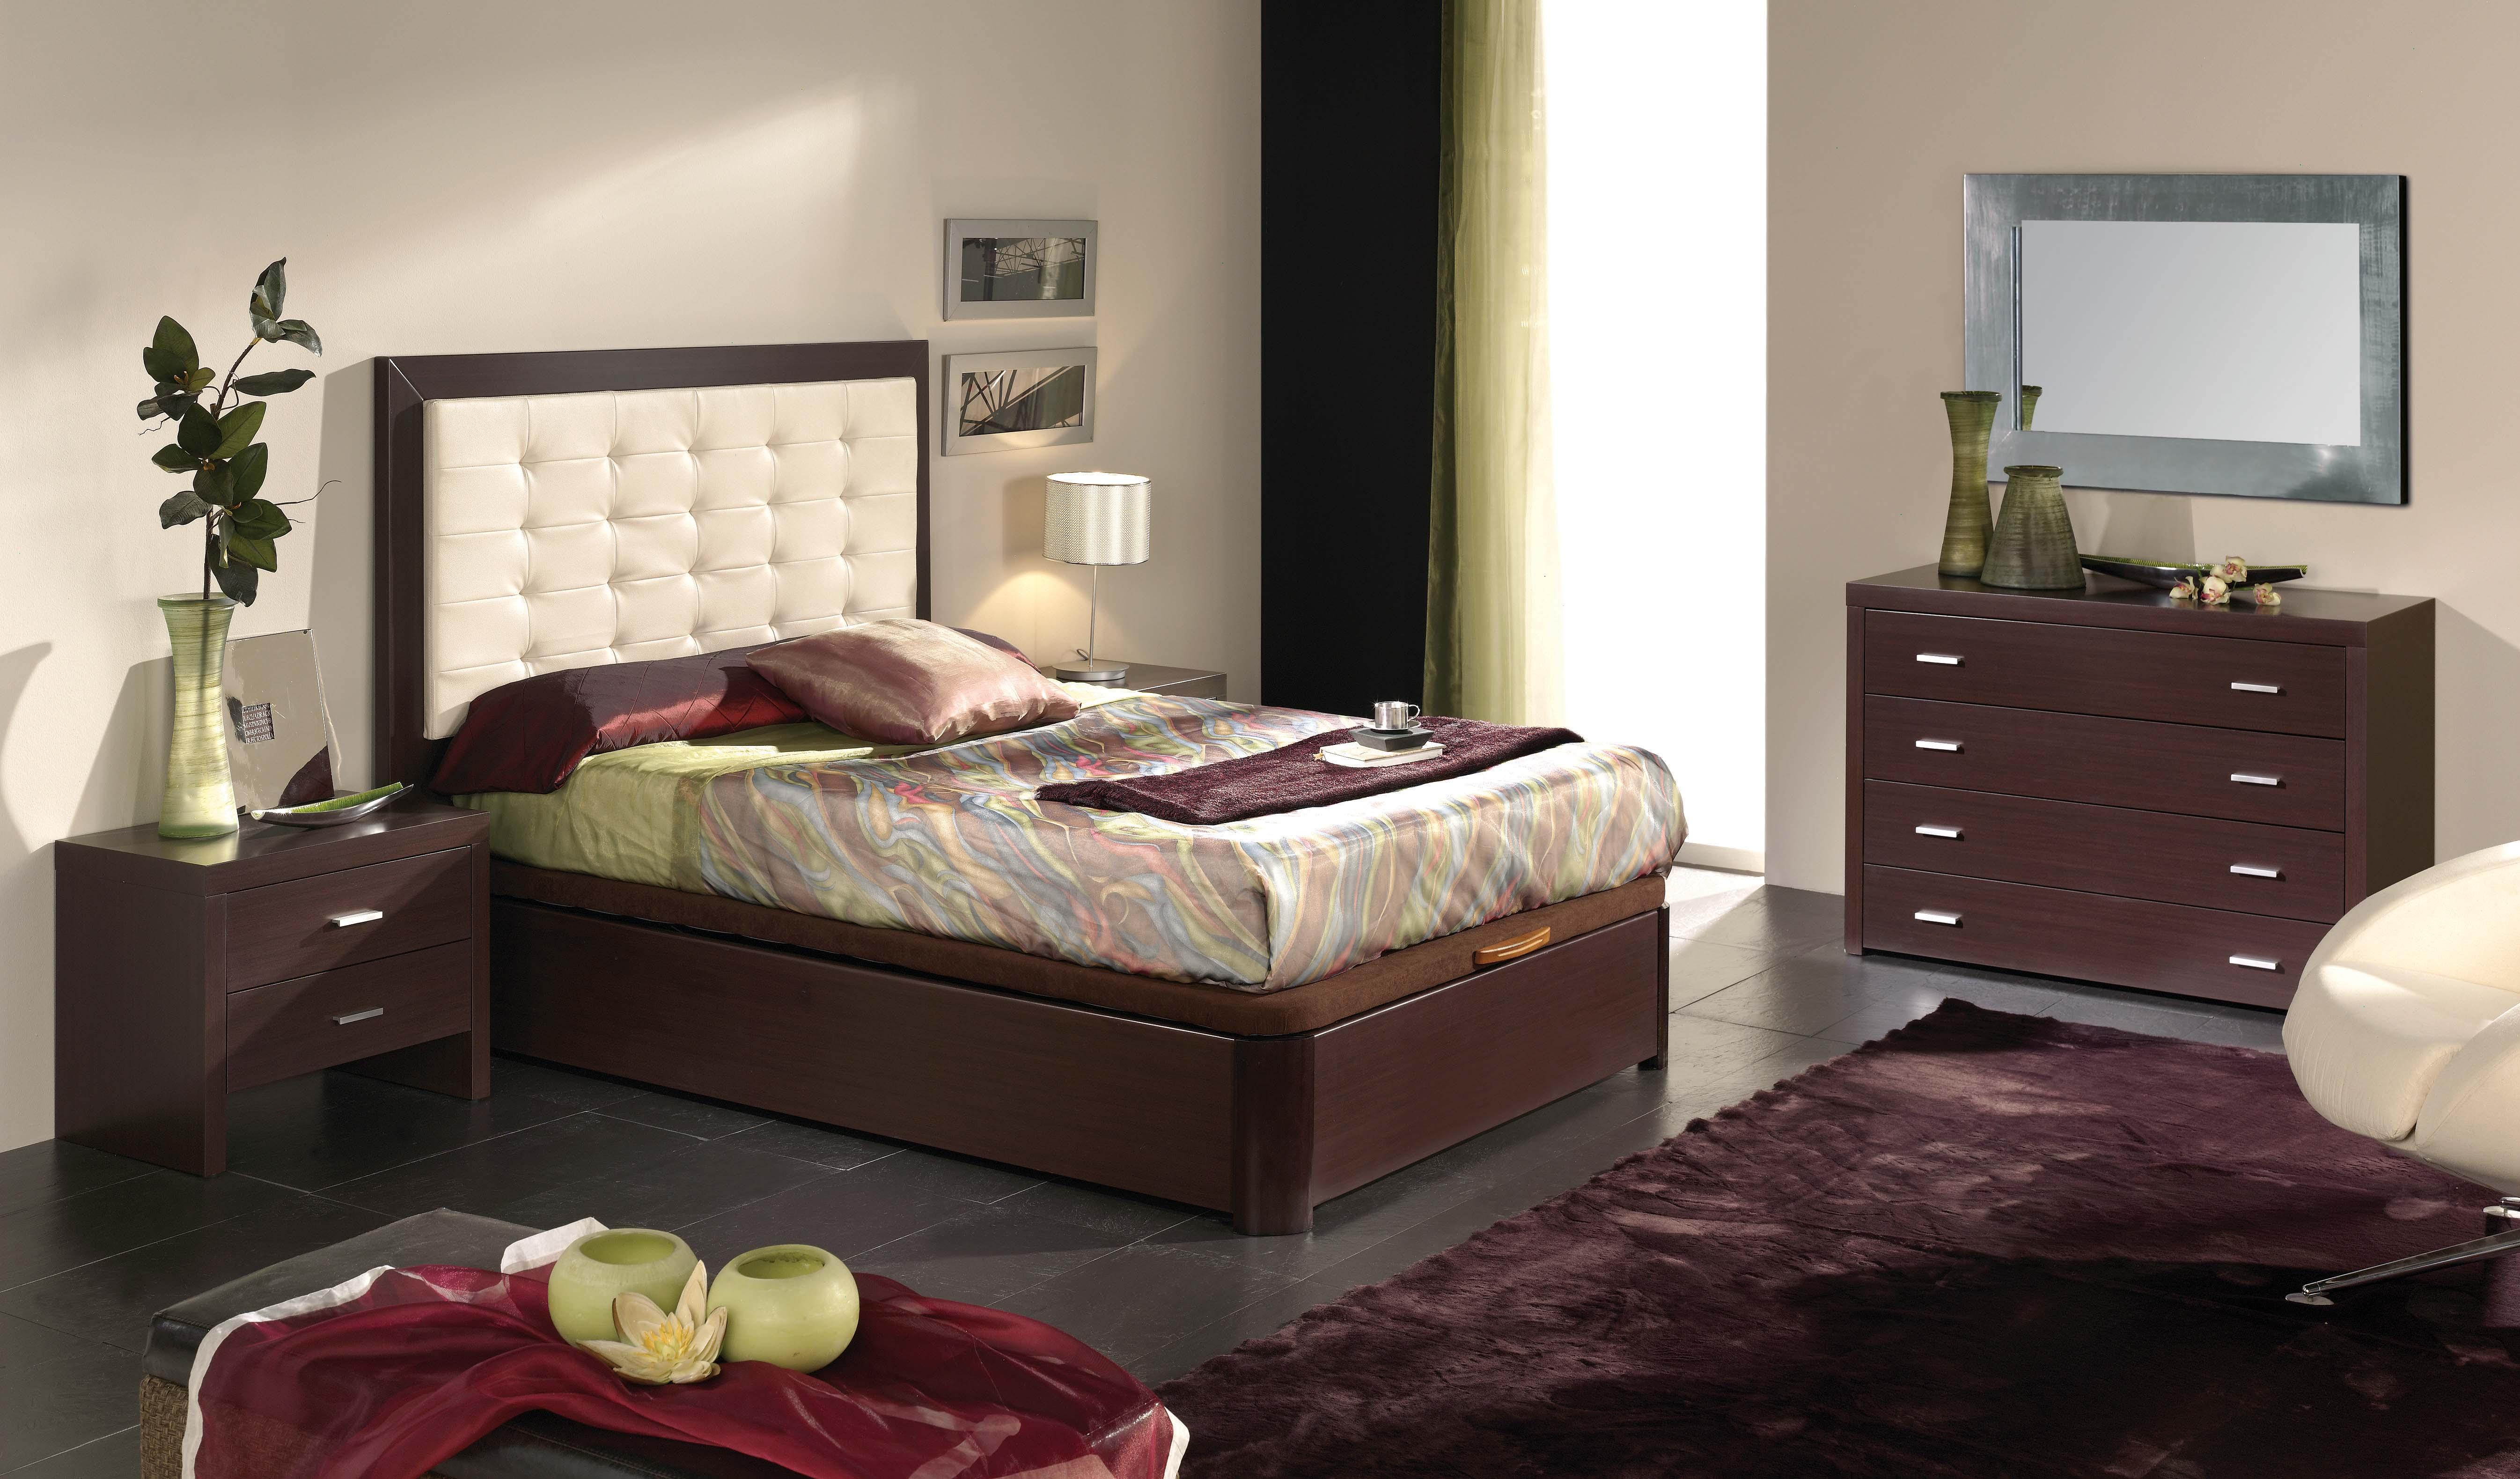 Wenge Living Room Furniture Alicante 515 Wenge M77 C77 E96 Modern Bedrooms Bedroom Furniture